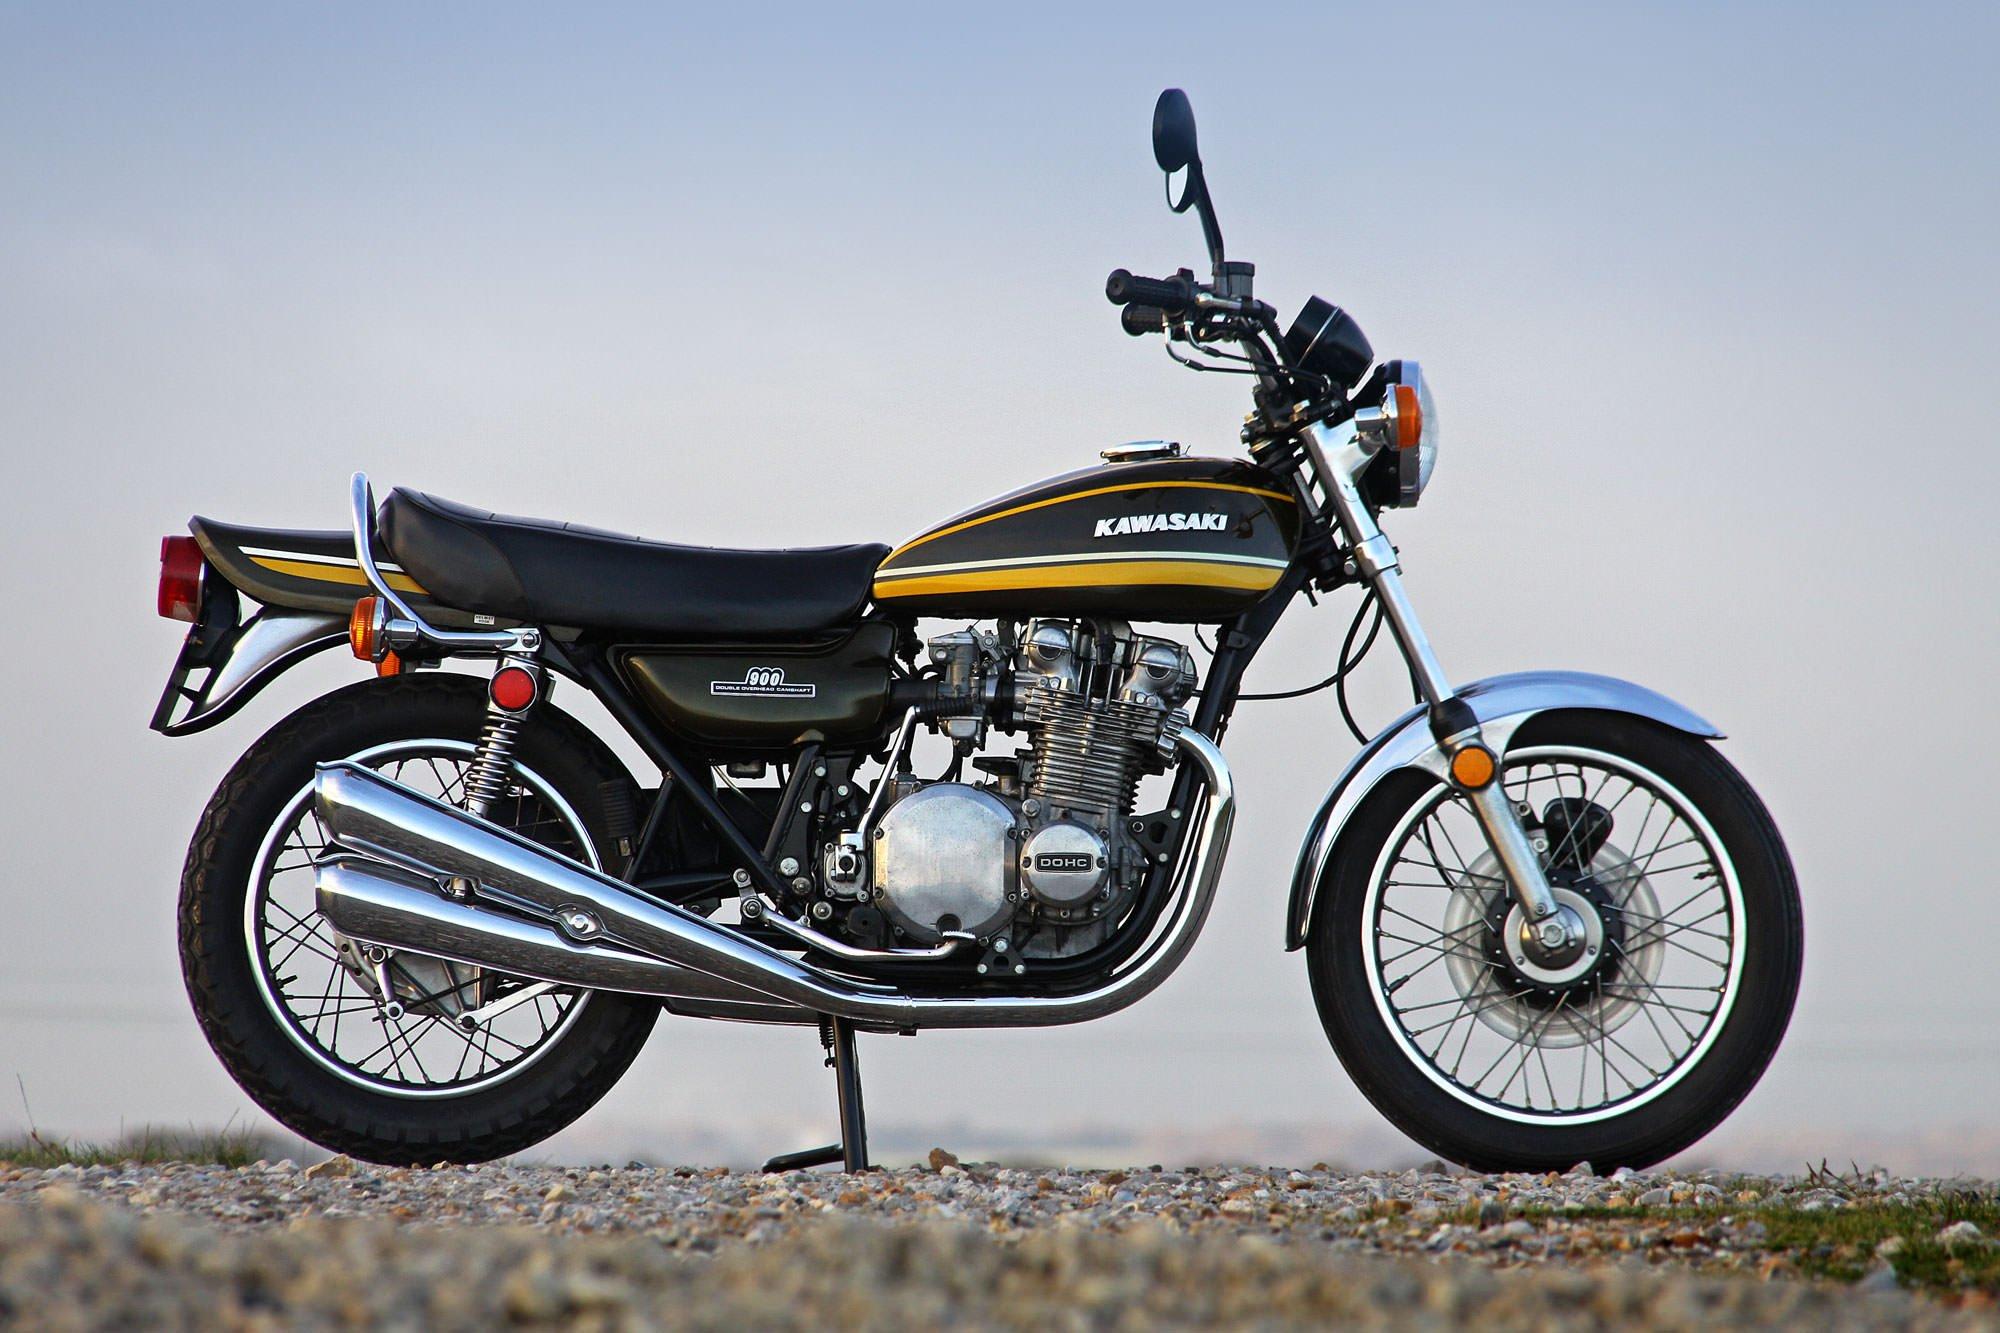 Kawasaki Motorcycles Uk